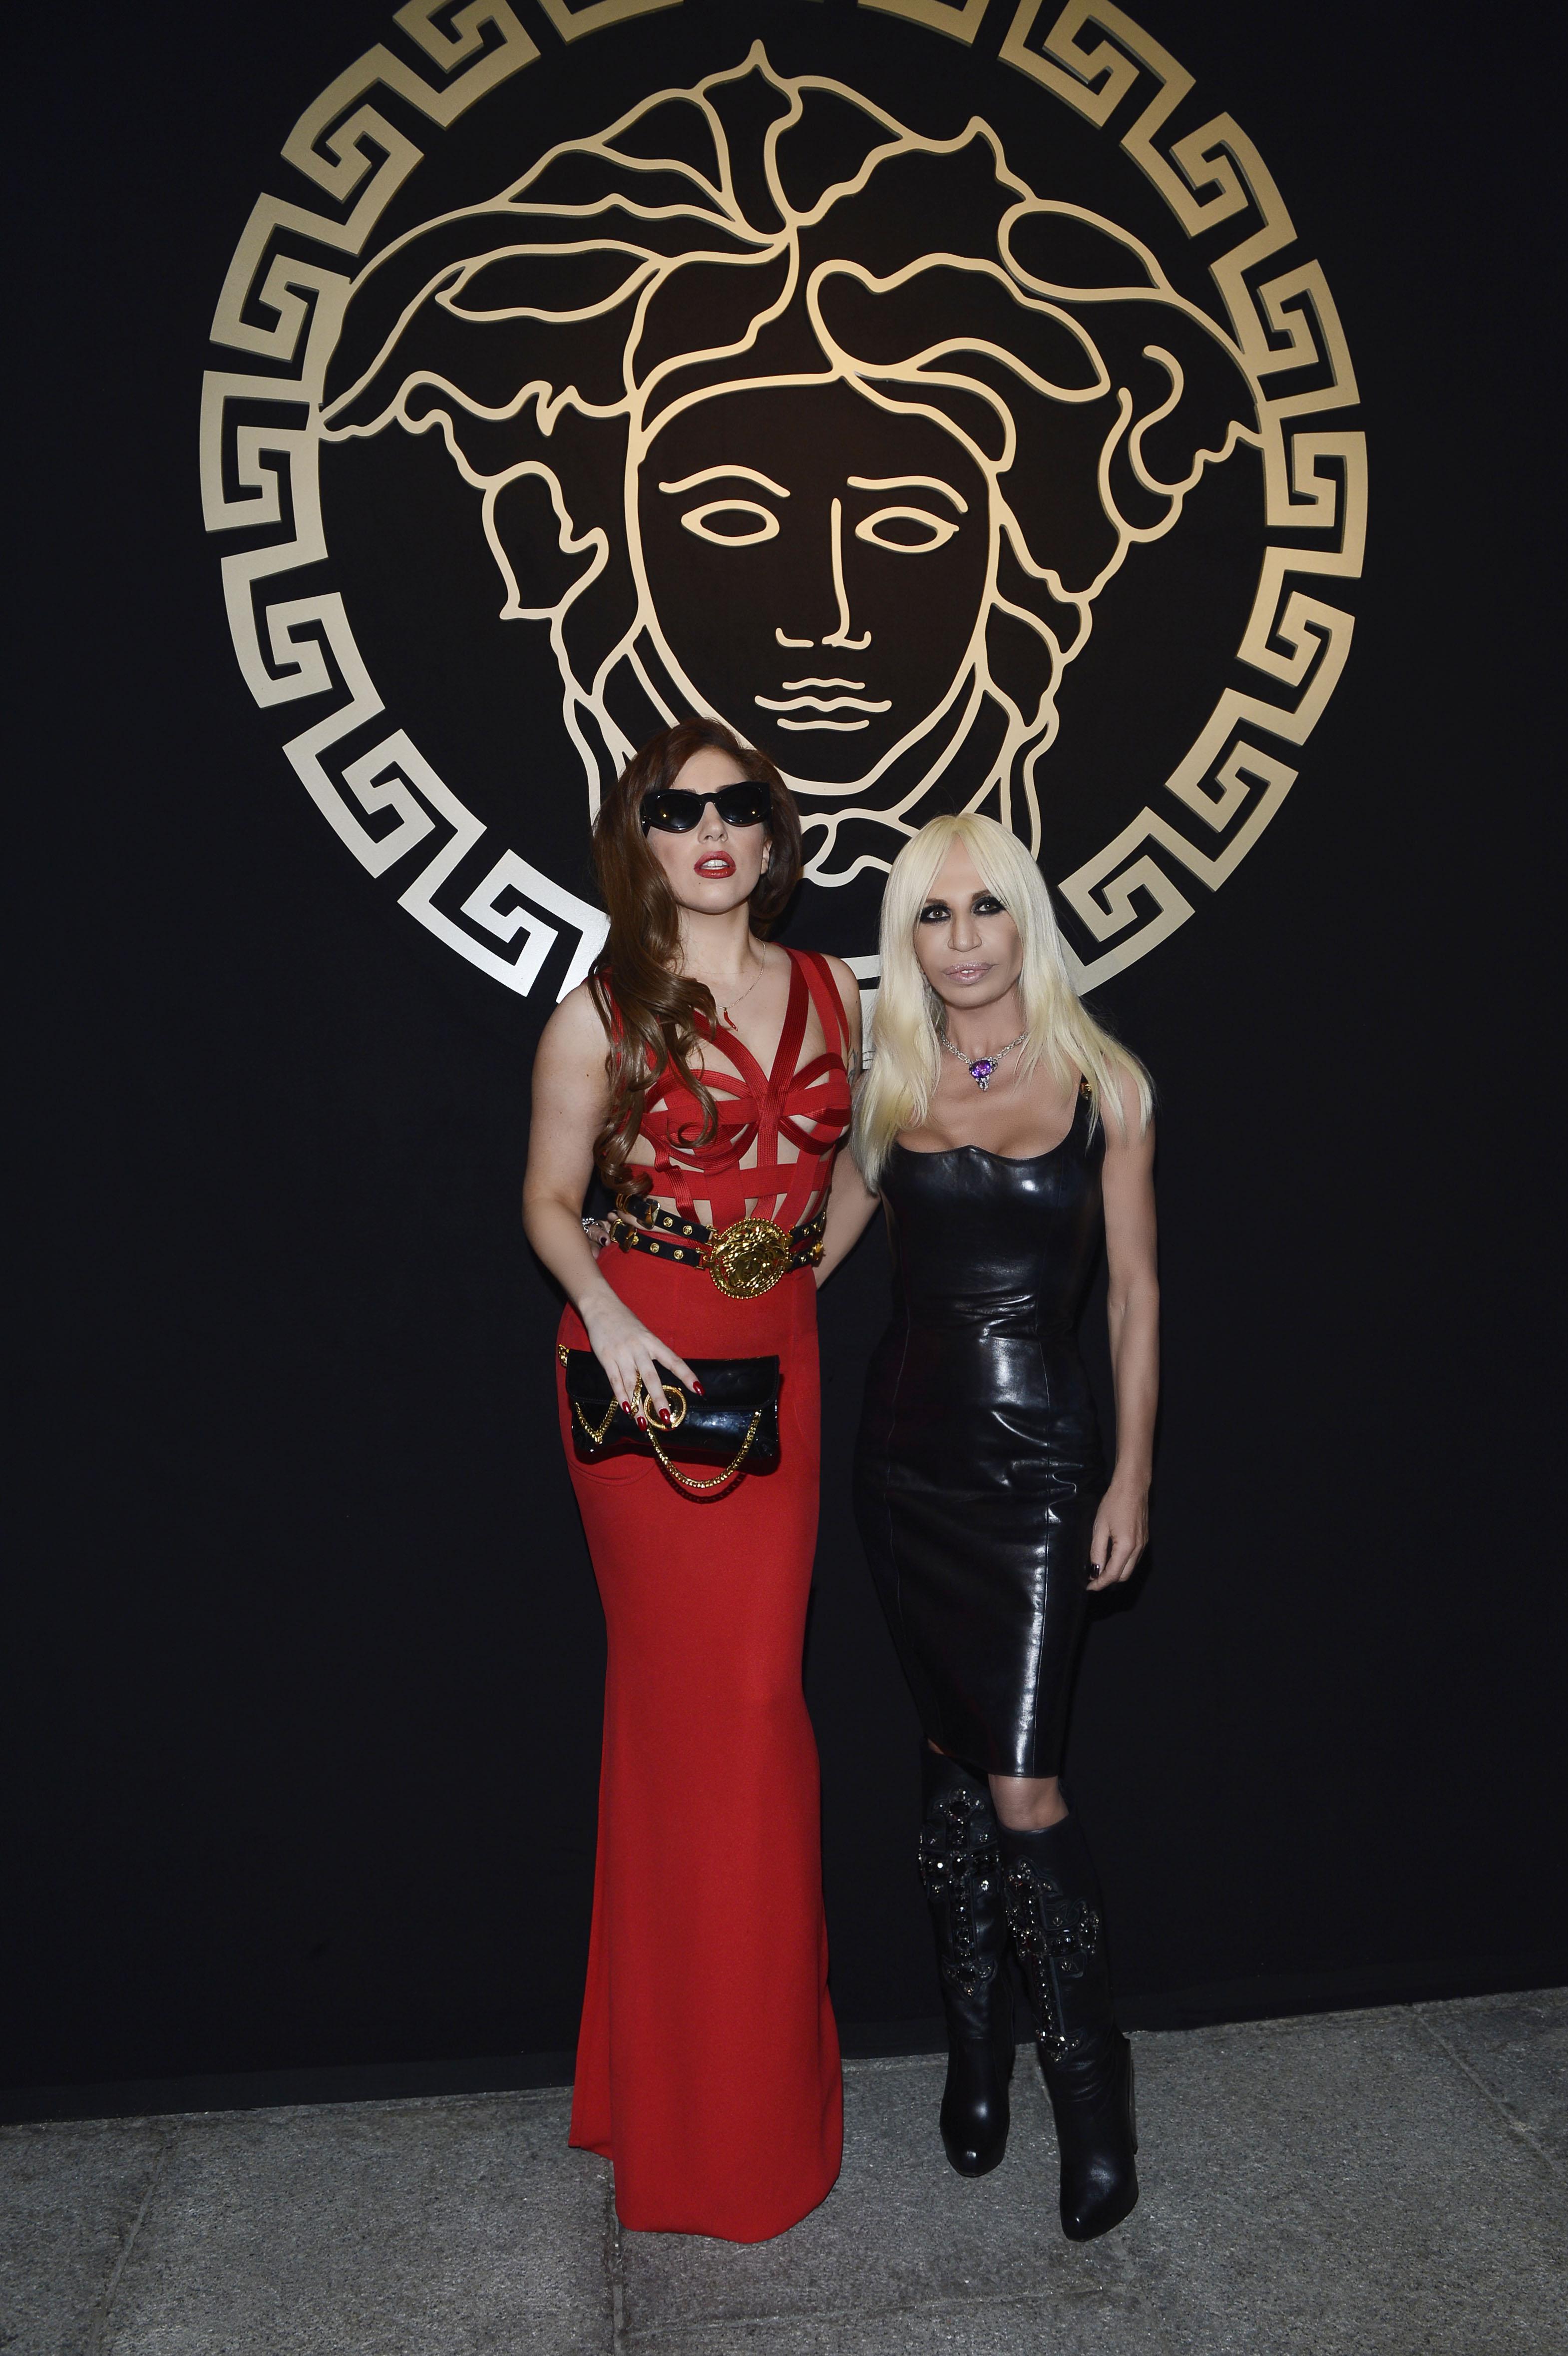 Donatella Lady Gaga Tumblr